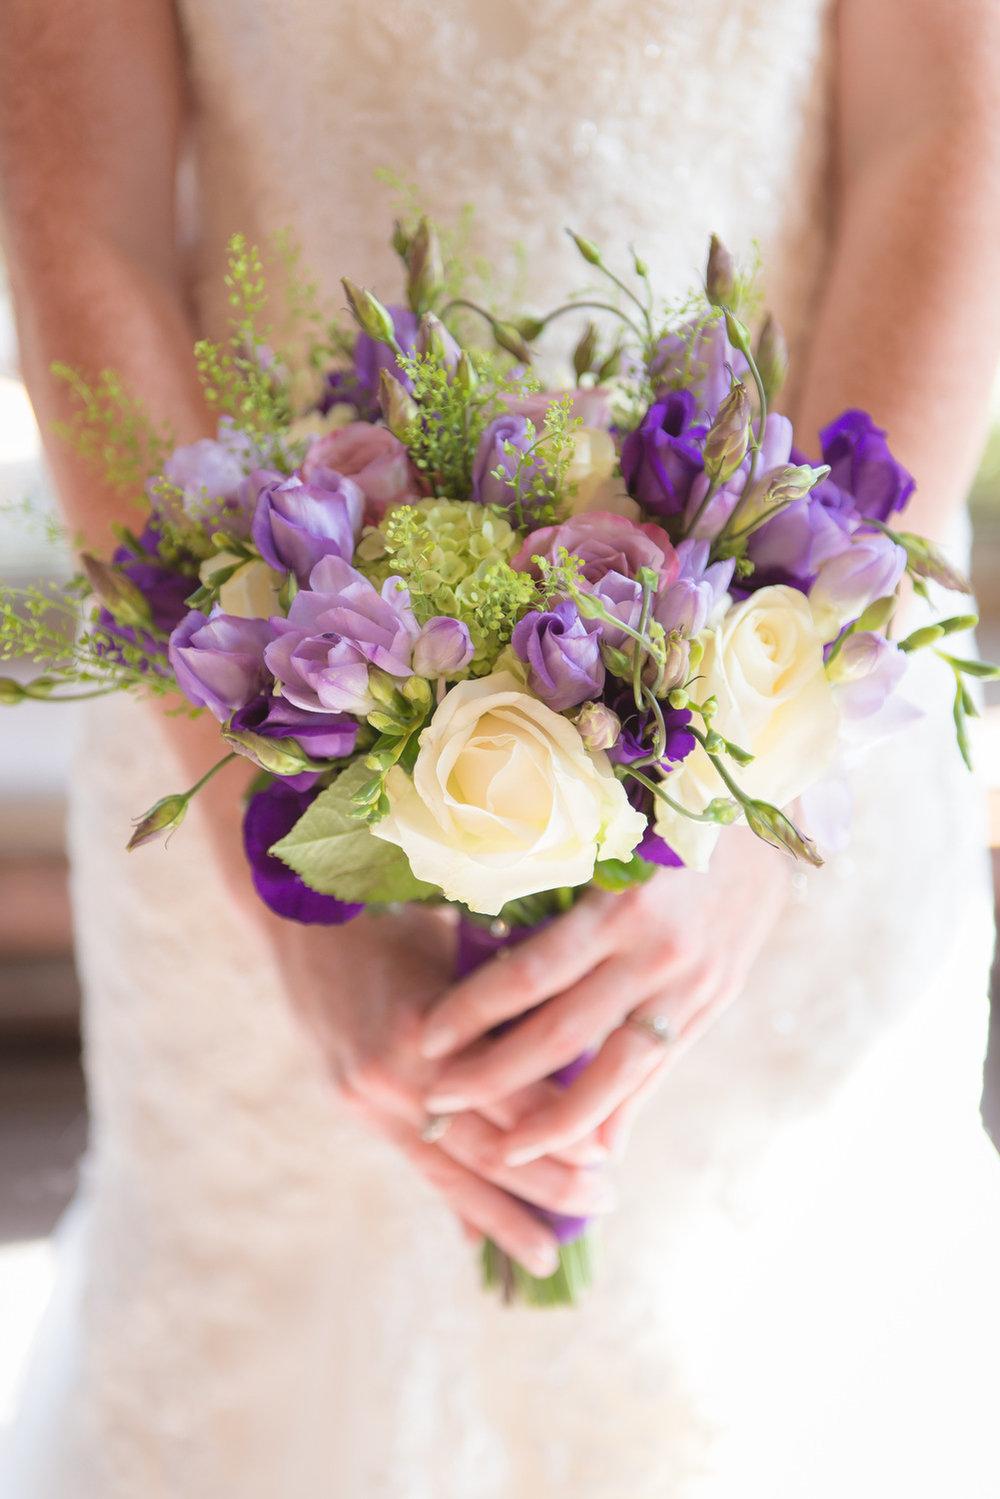 charnwood_weddings_Rothley_Court_Kelly_Rich178.JPG